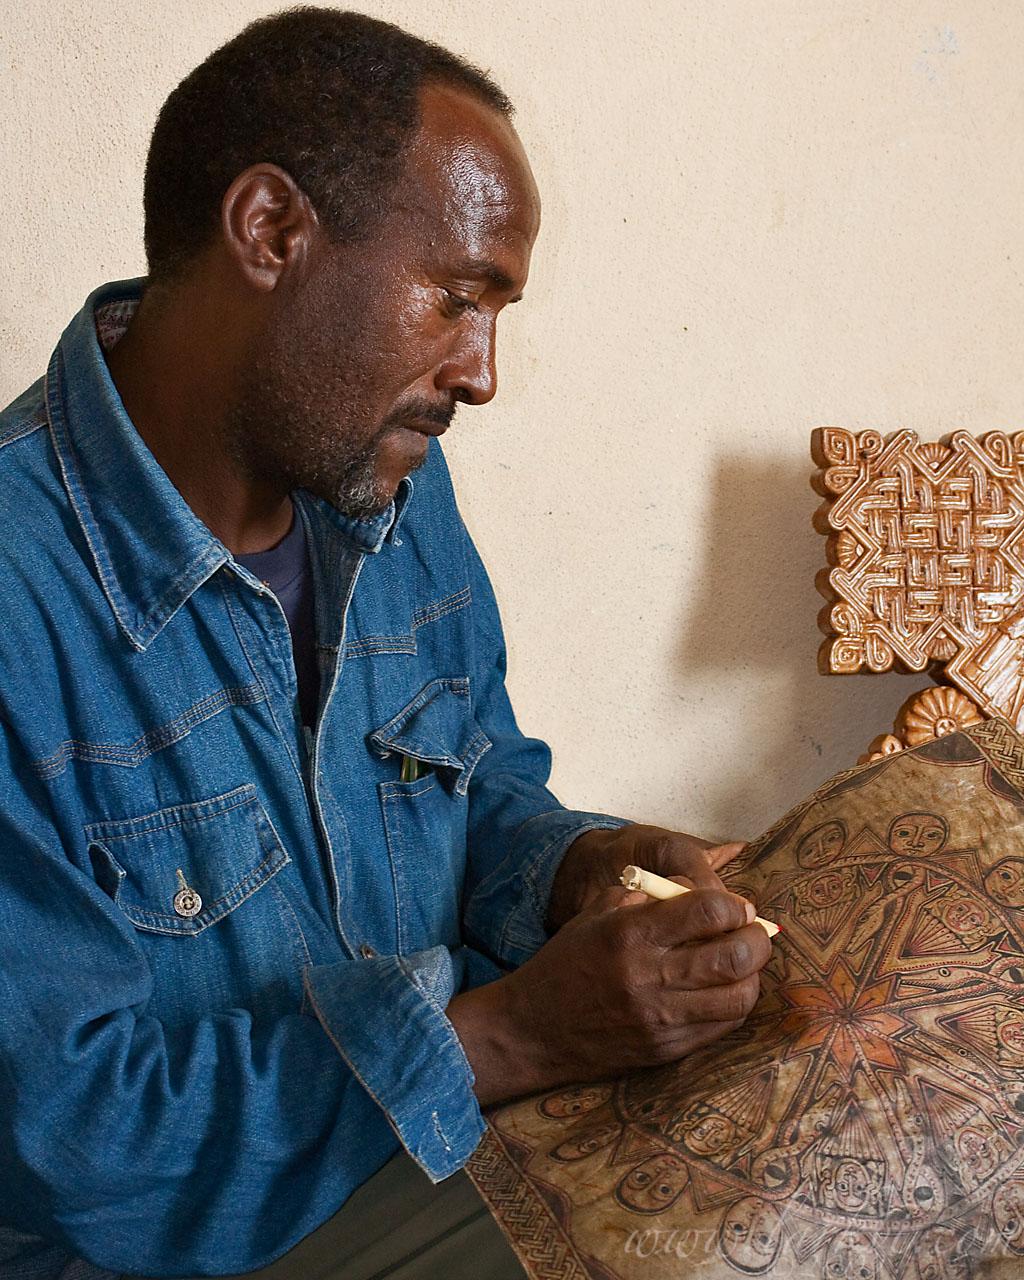 Keshi Mengistu Eyesus, Mek'ele, Tigray, March 2009